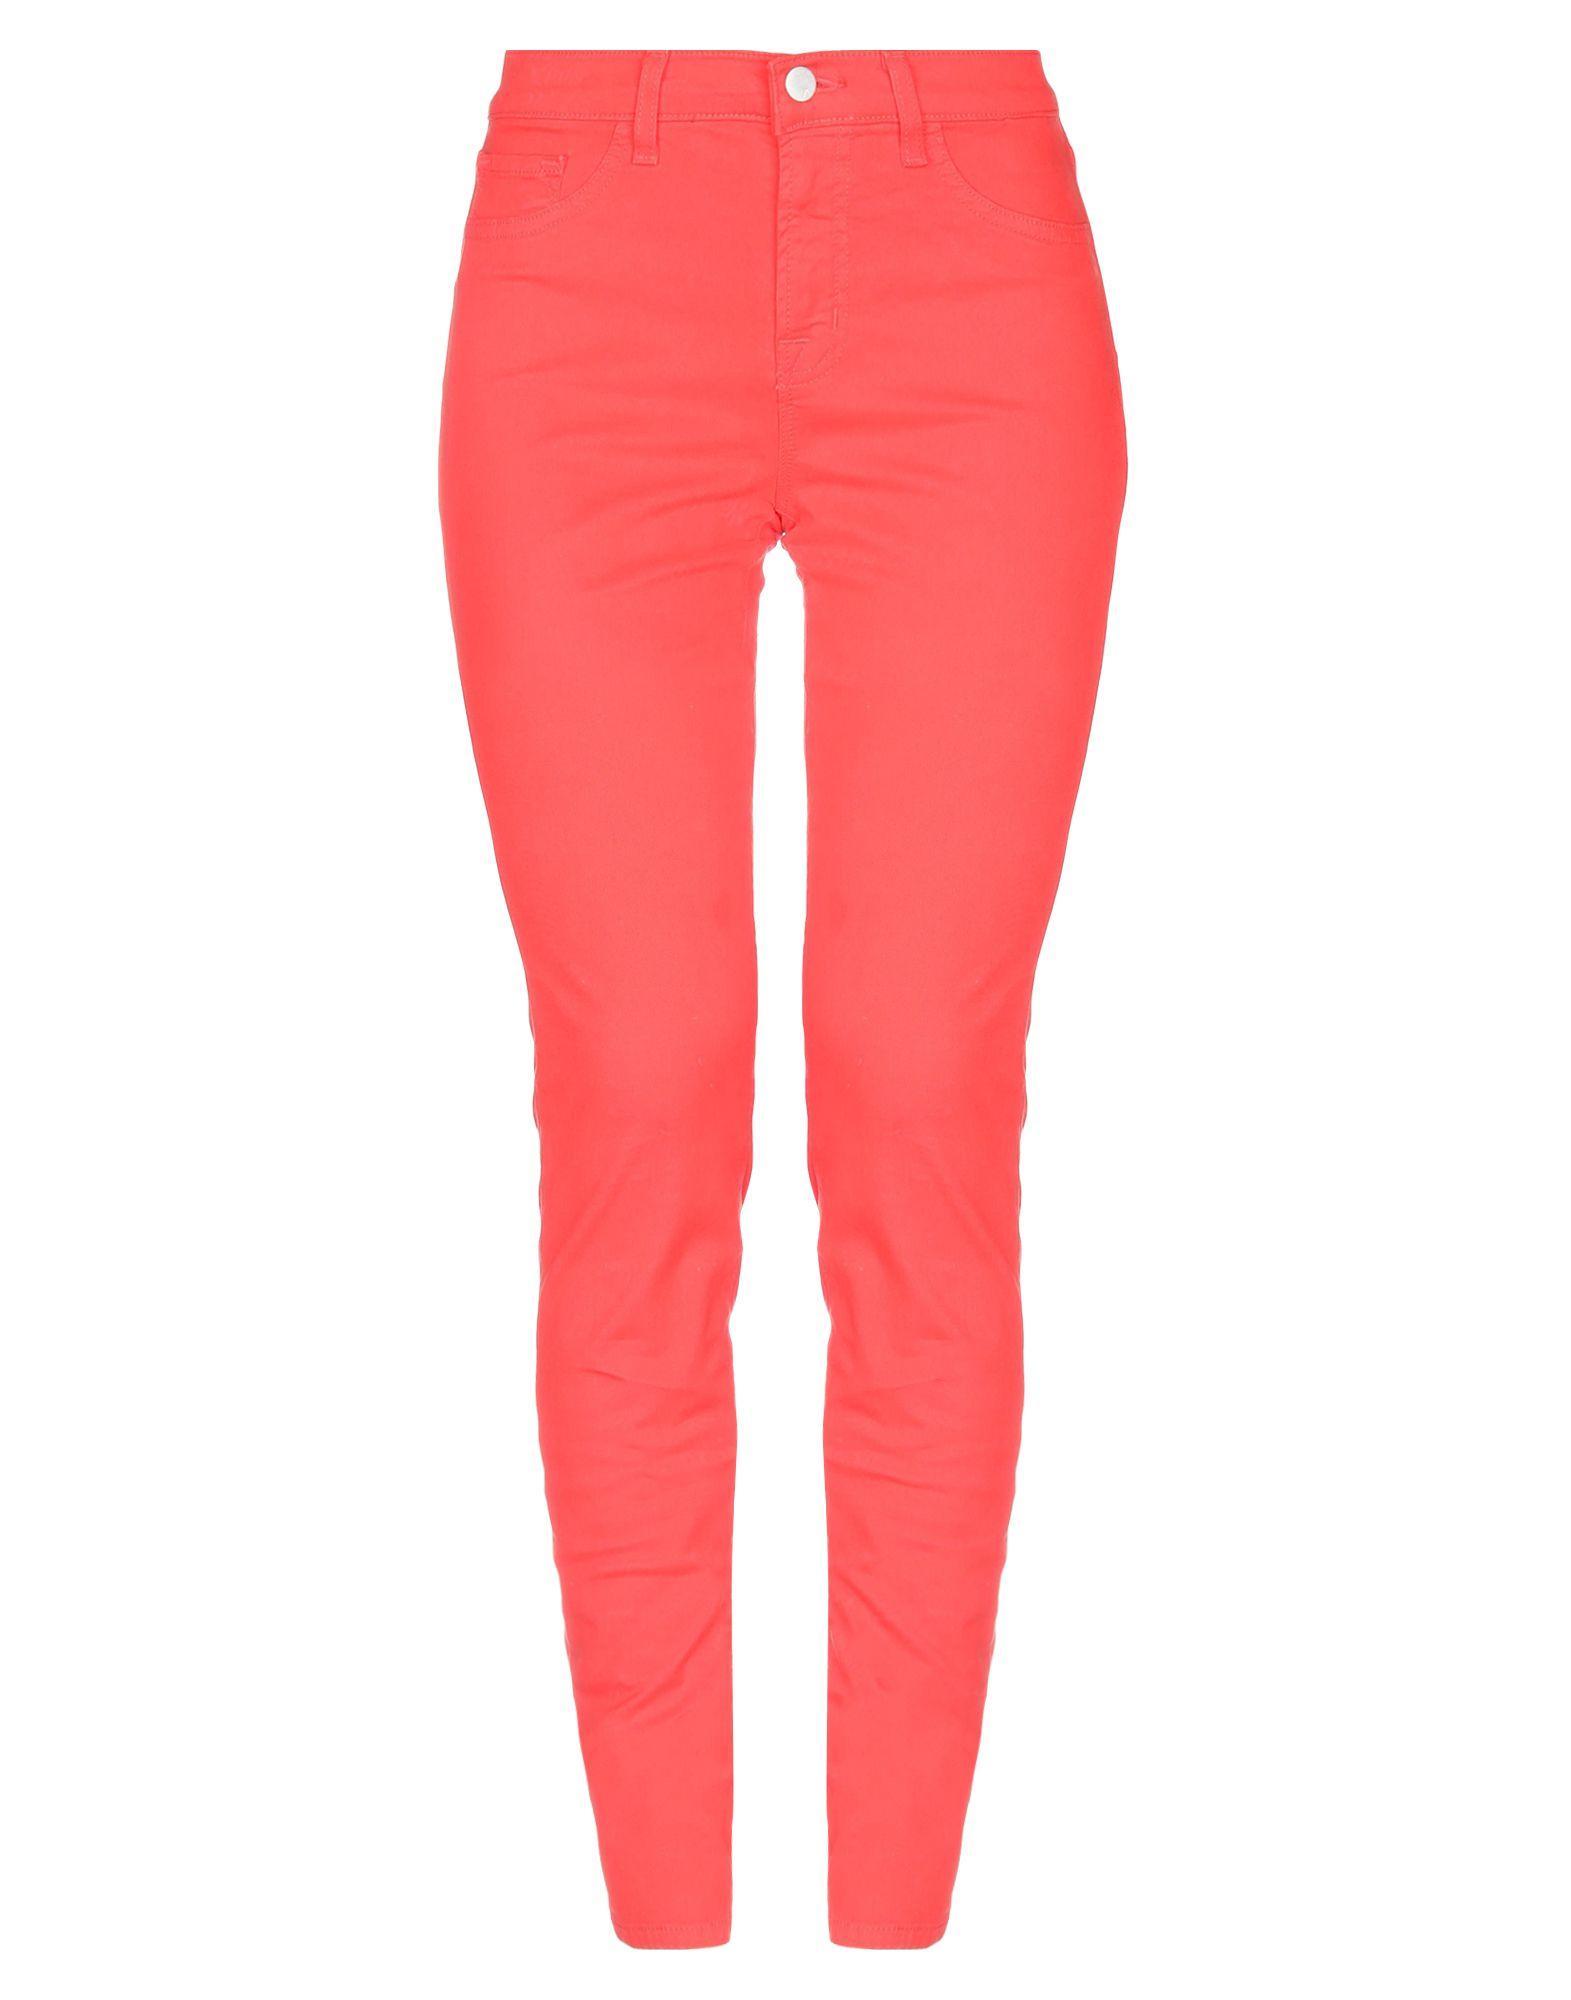 J BRAND for BIFFI Повседневные брюки